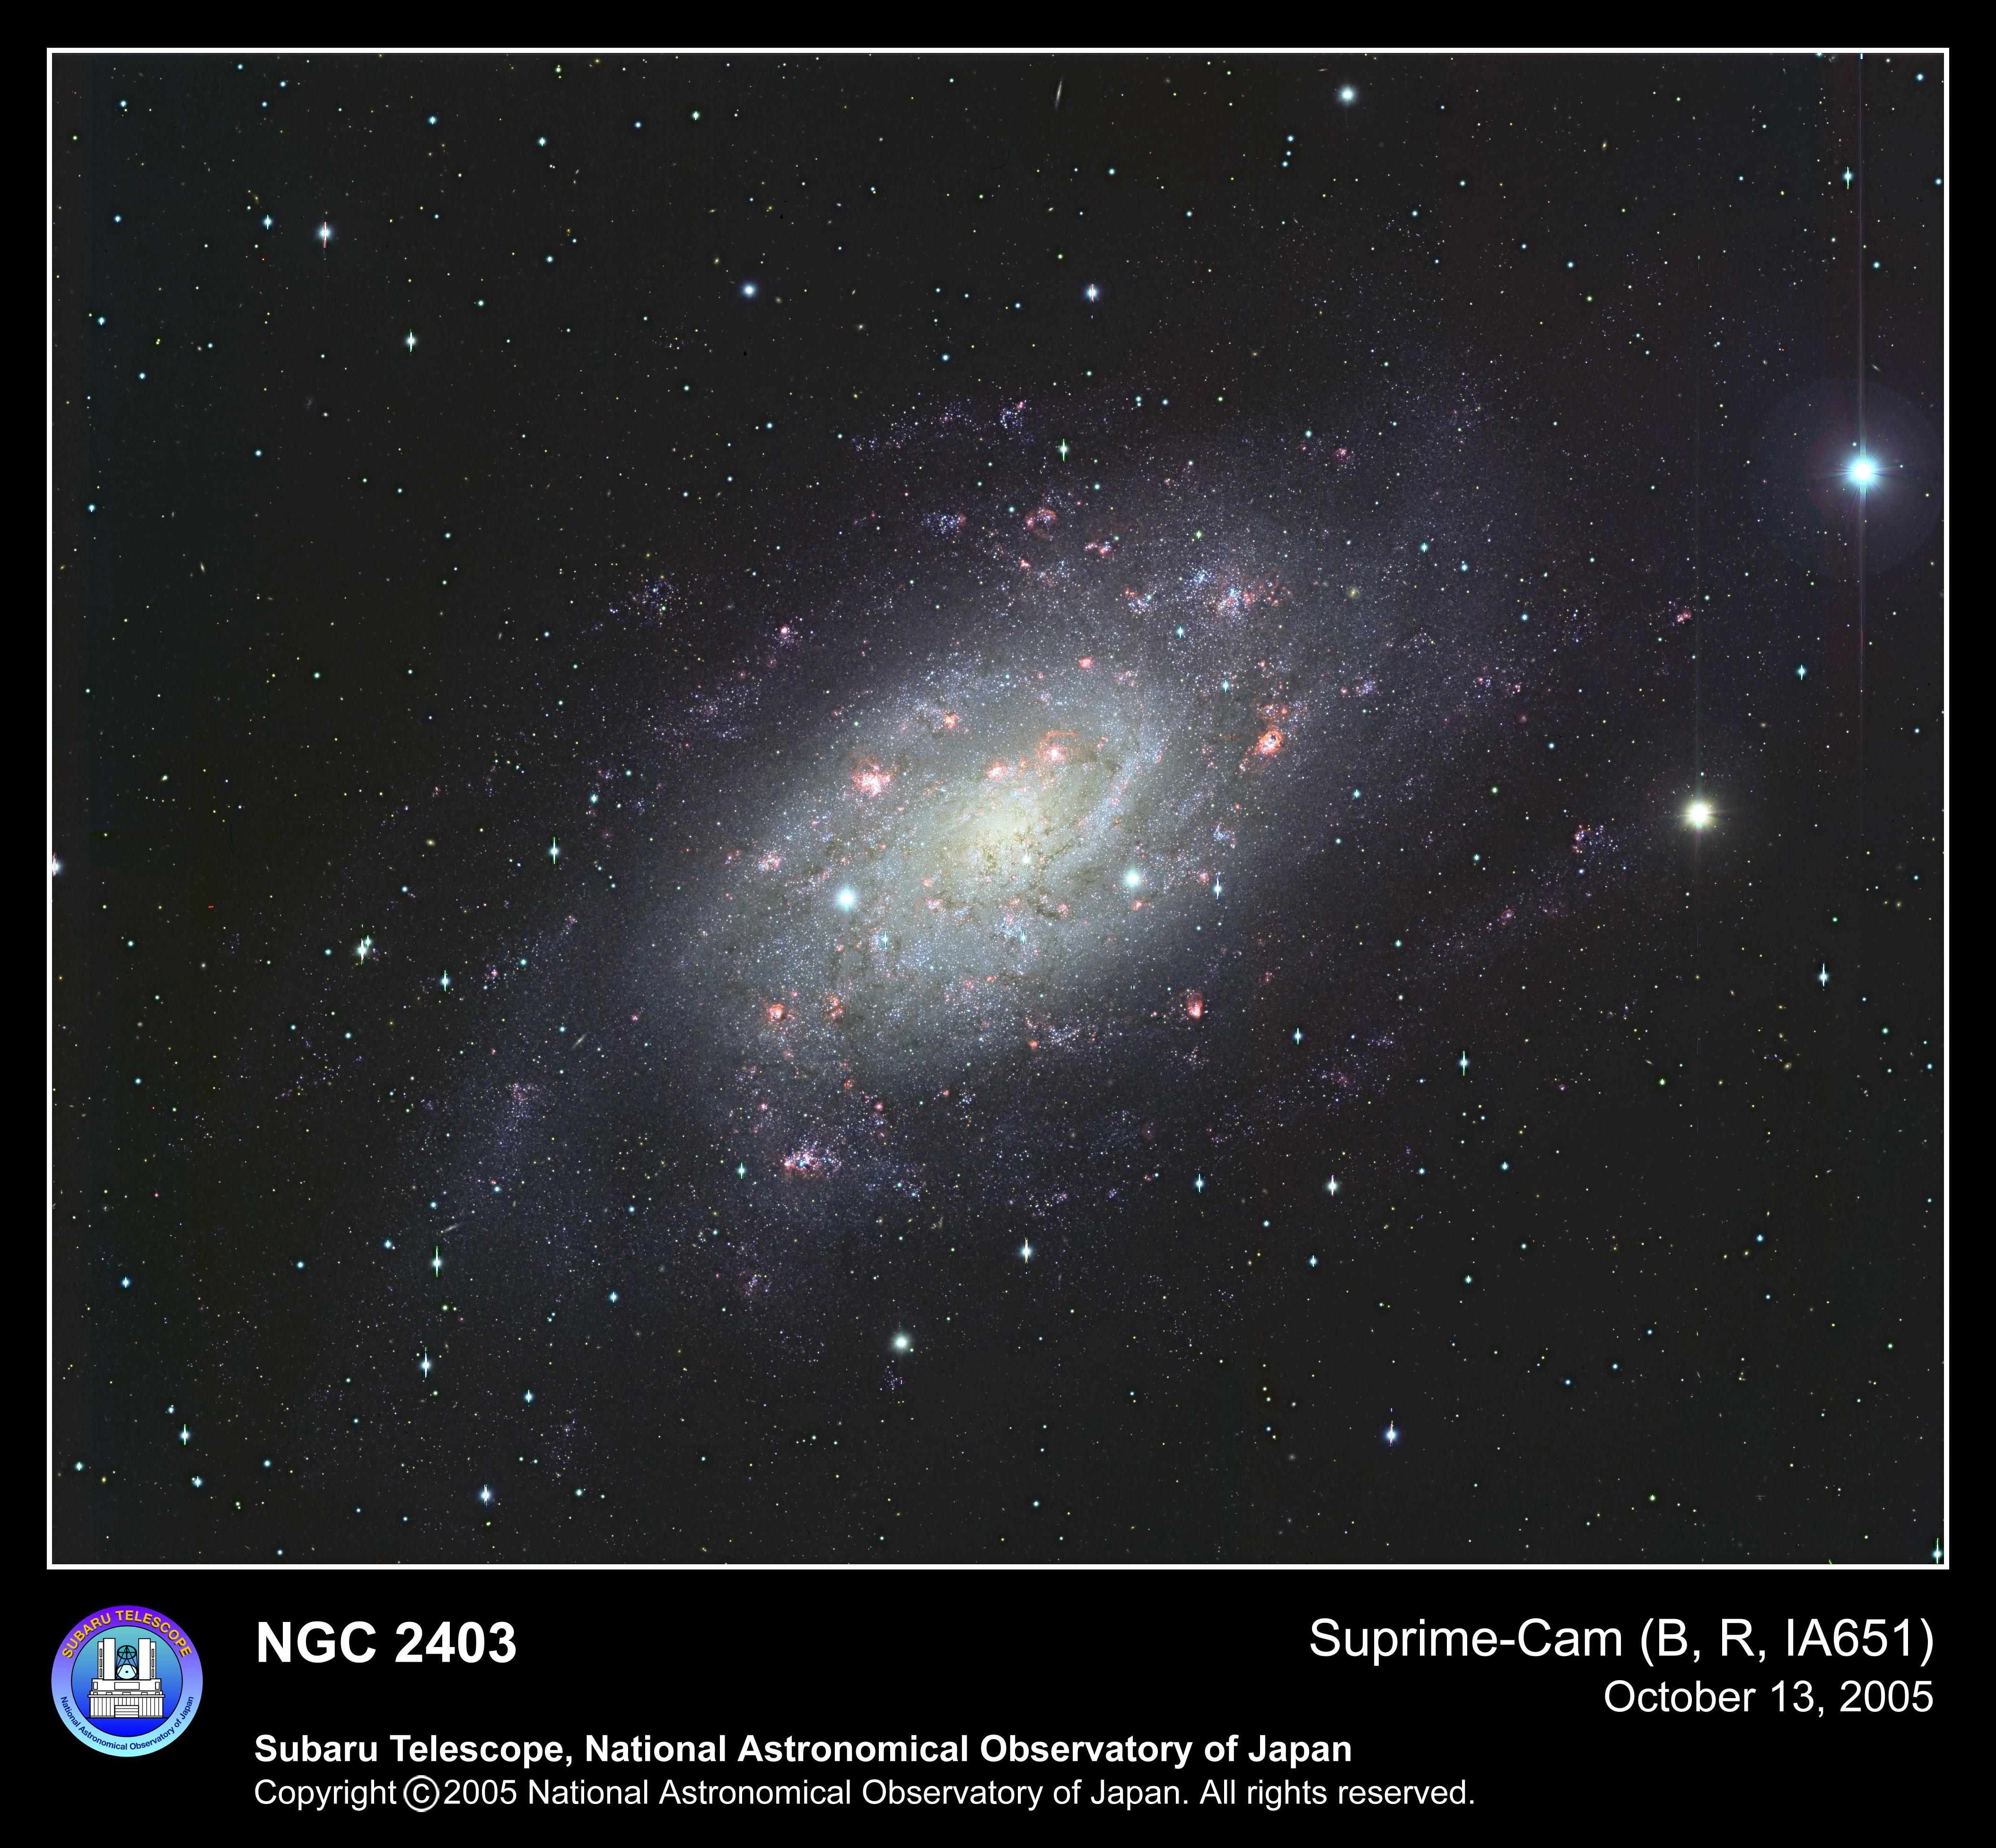 渦巻銀河 NGC 2403 | 国立天文台(NAOJ)